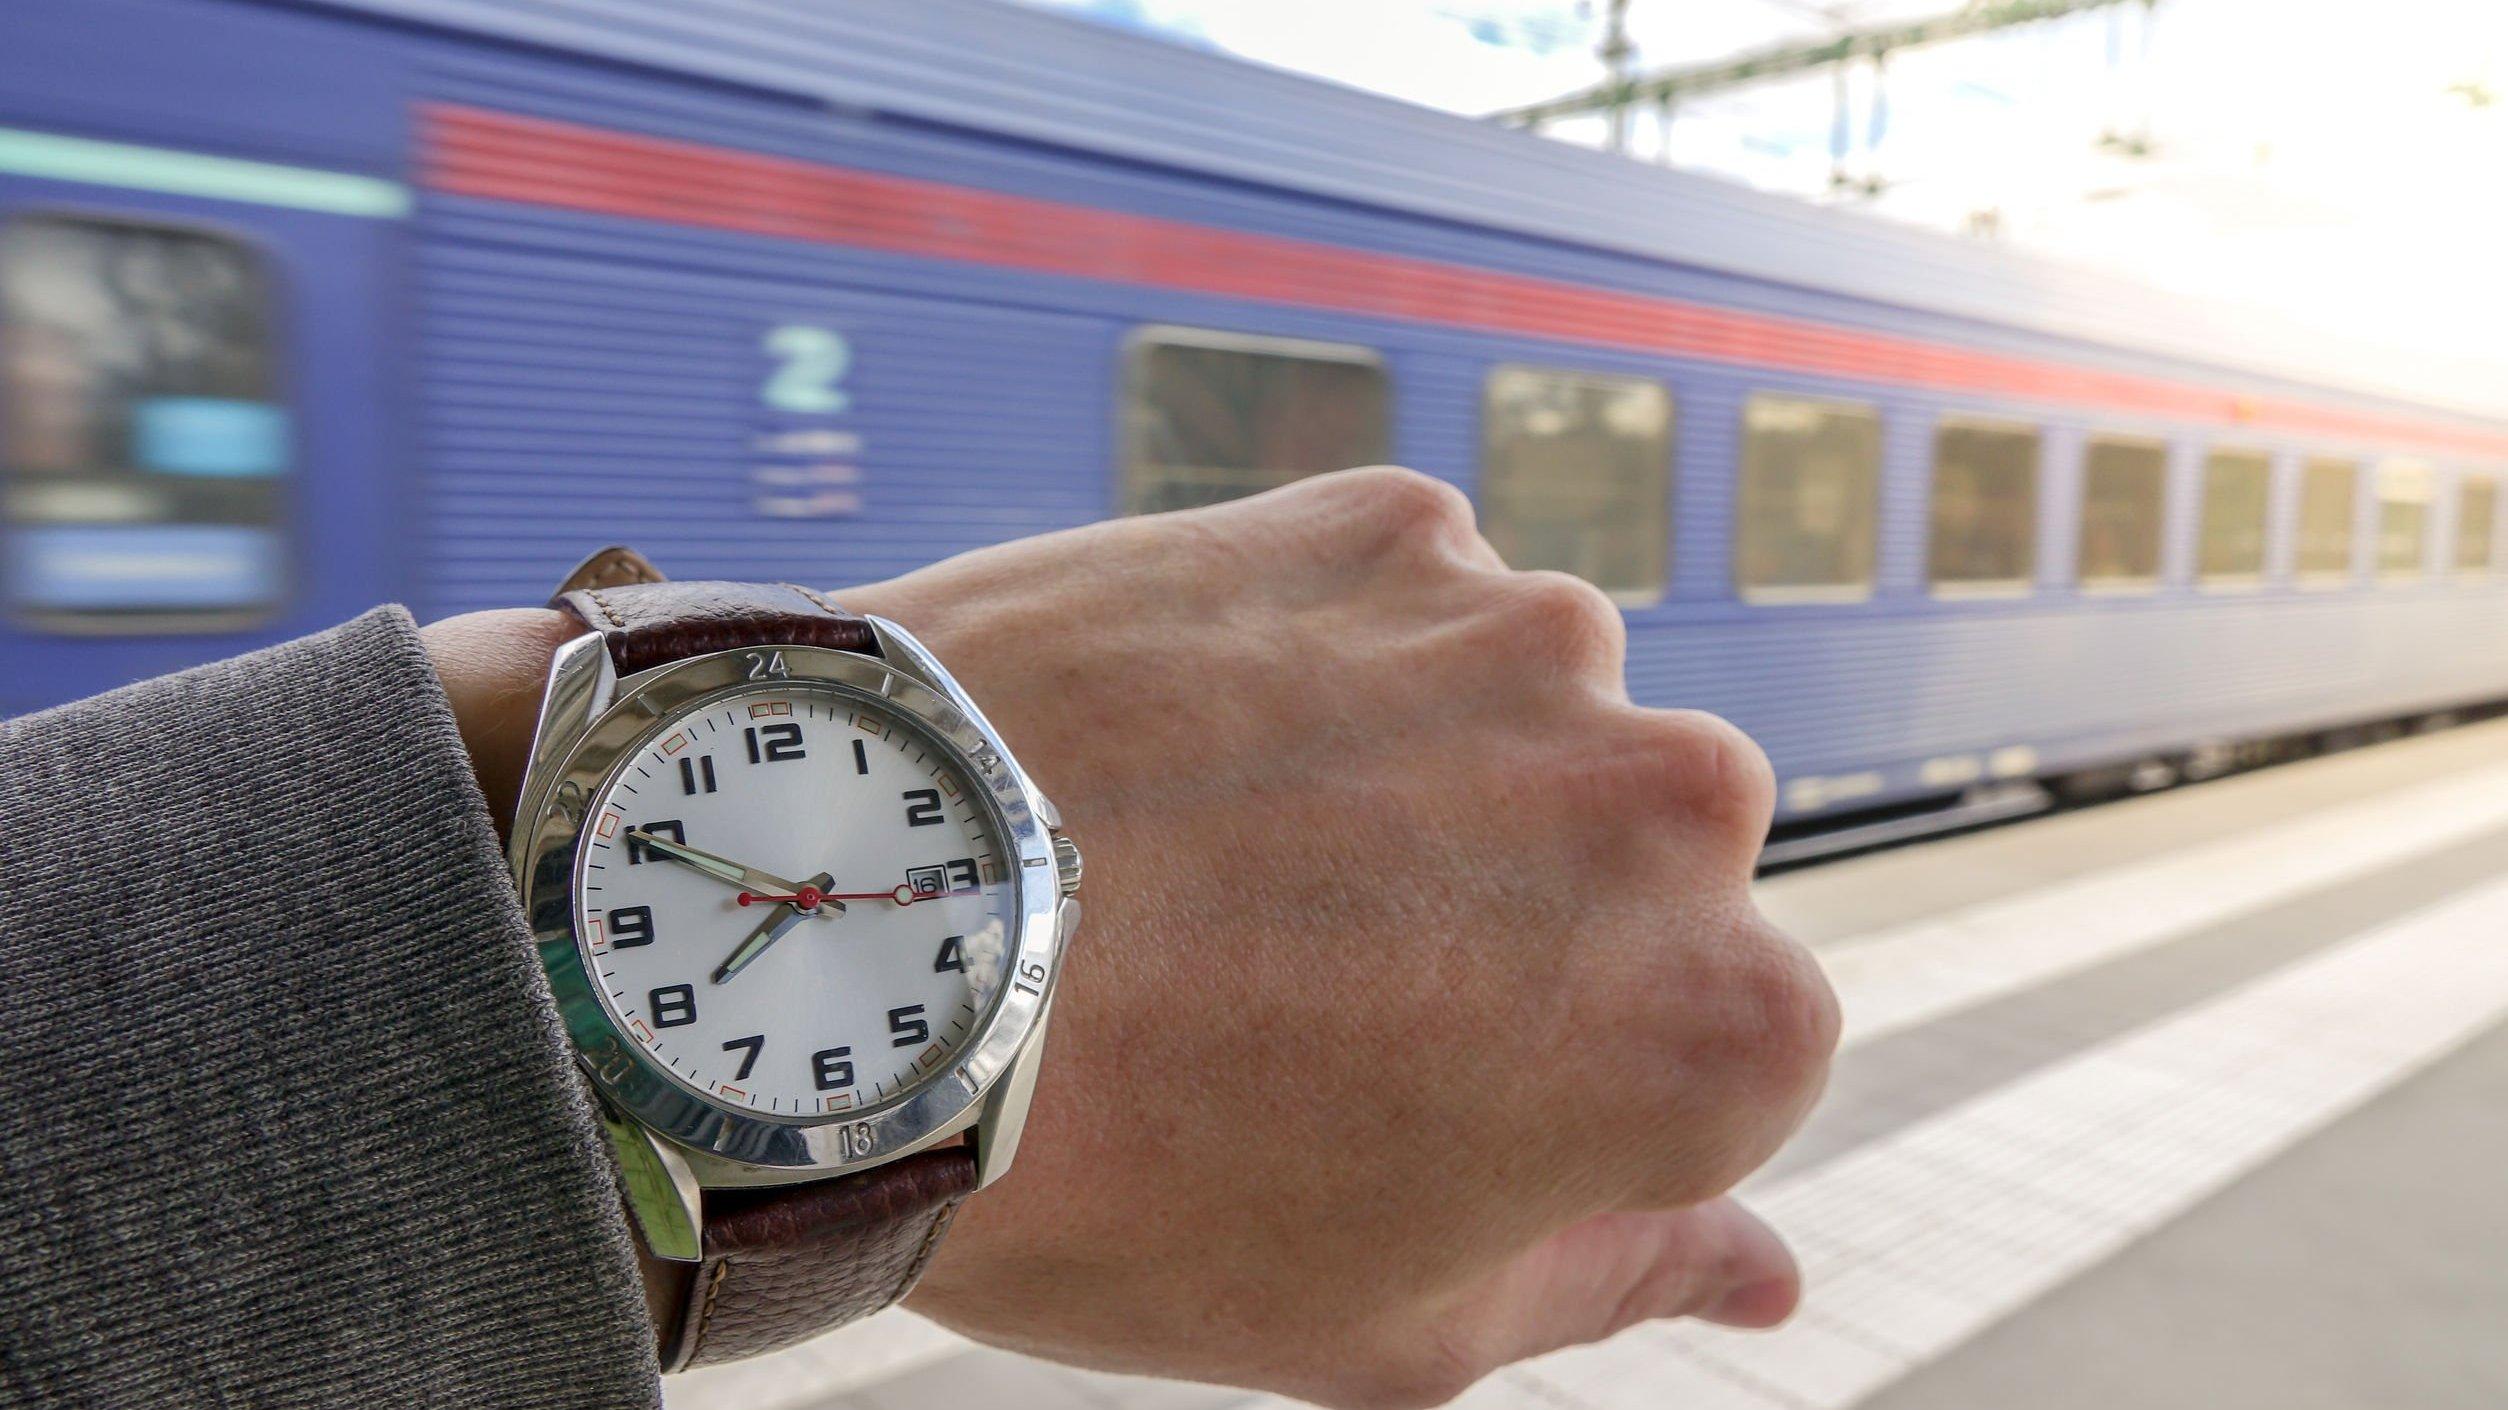 Braço com relógio e trem passando ao fundo.